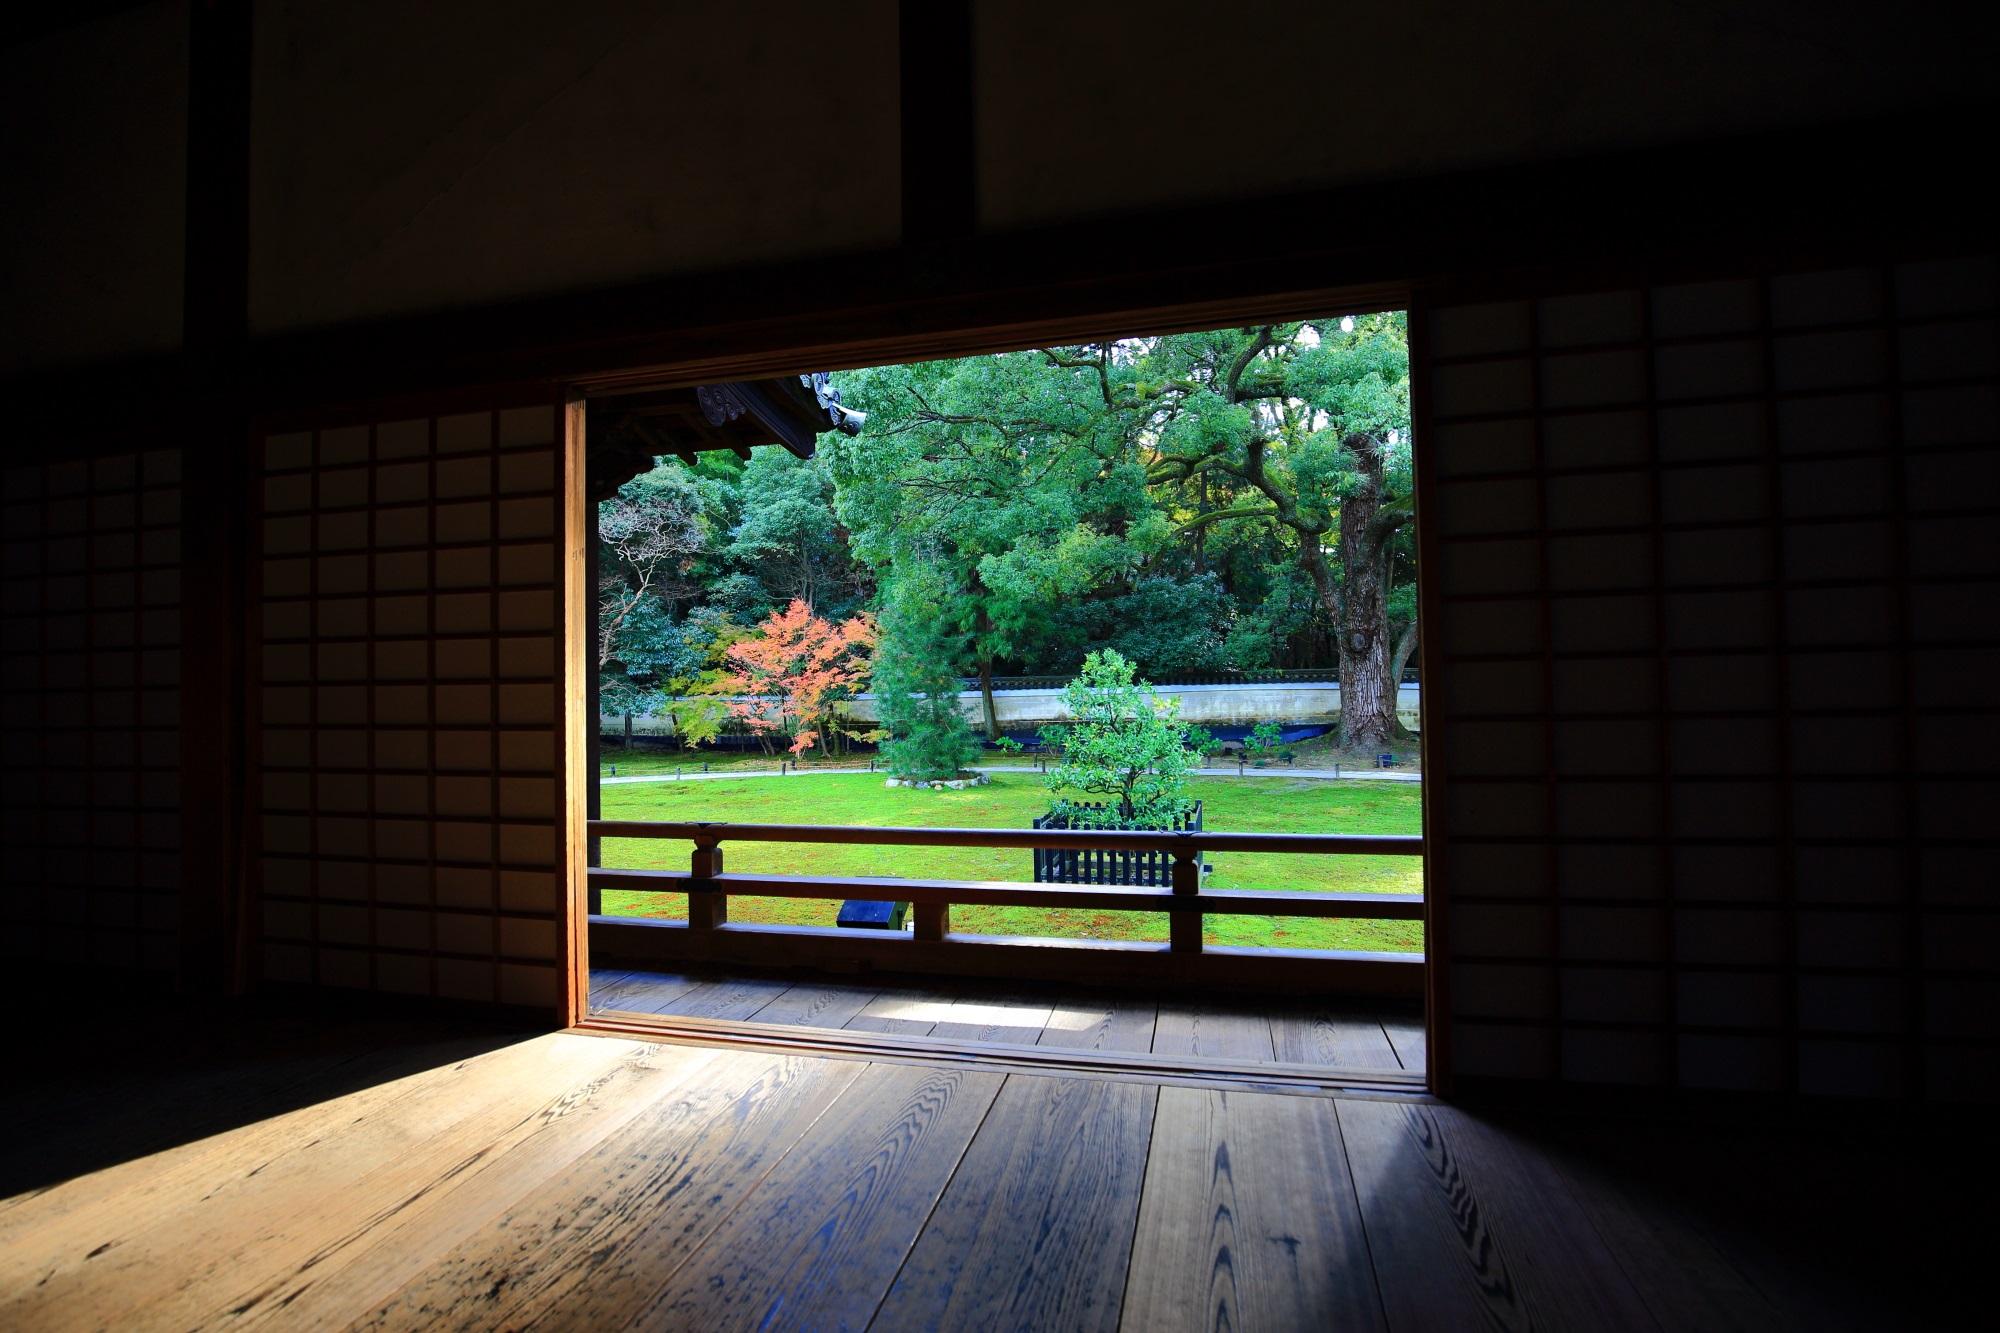 青蓮院門跡の宸殿から眺めた美しい庭園